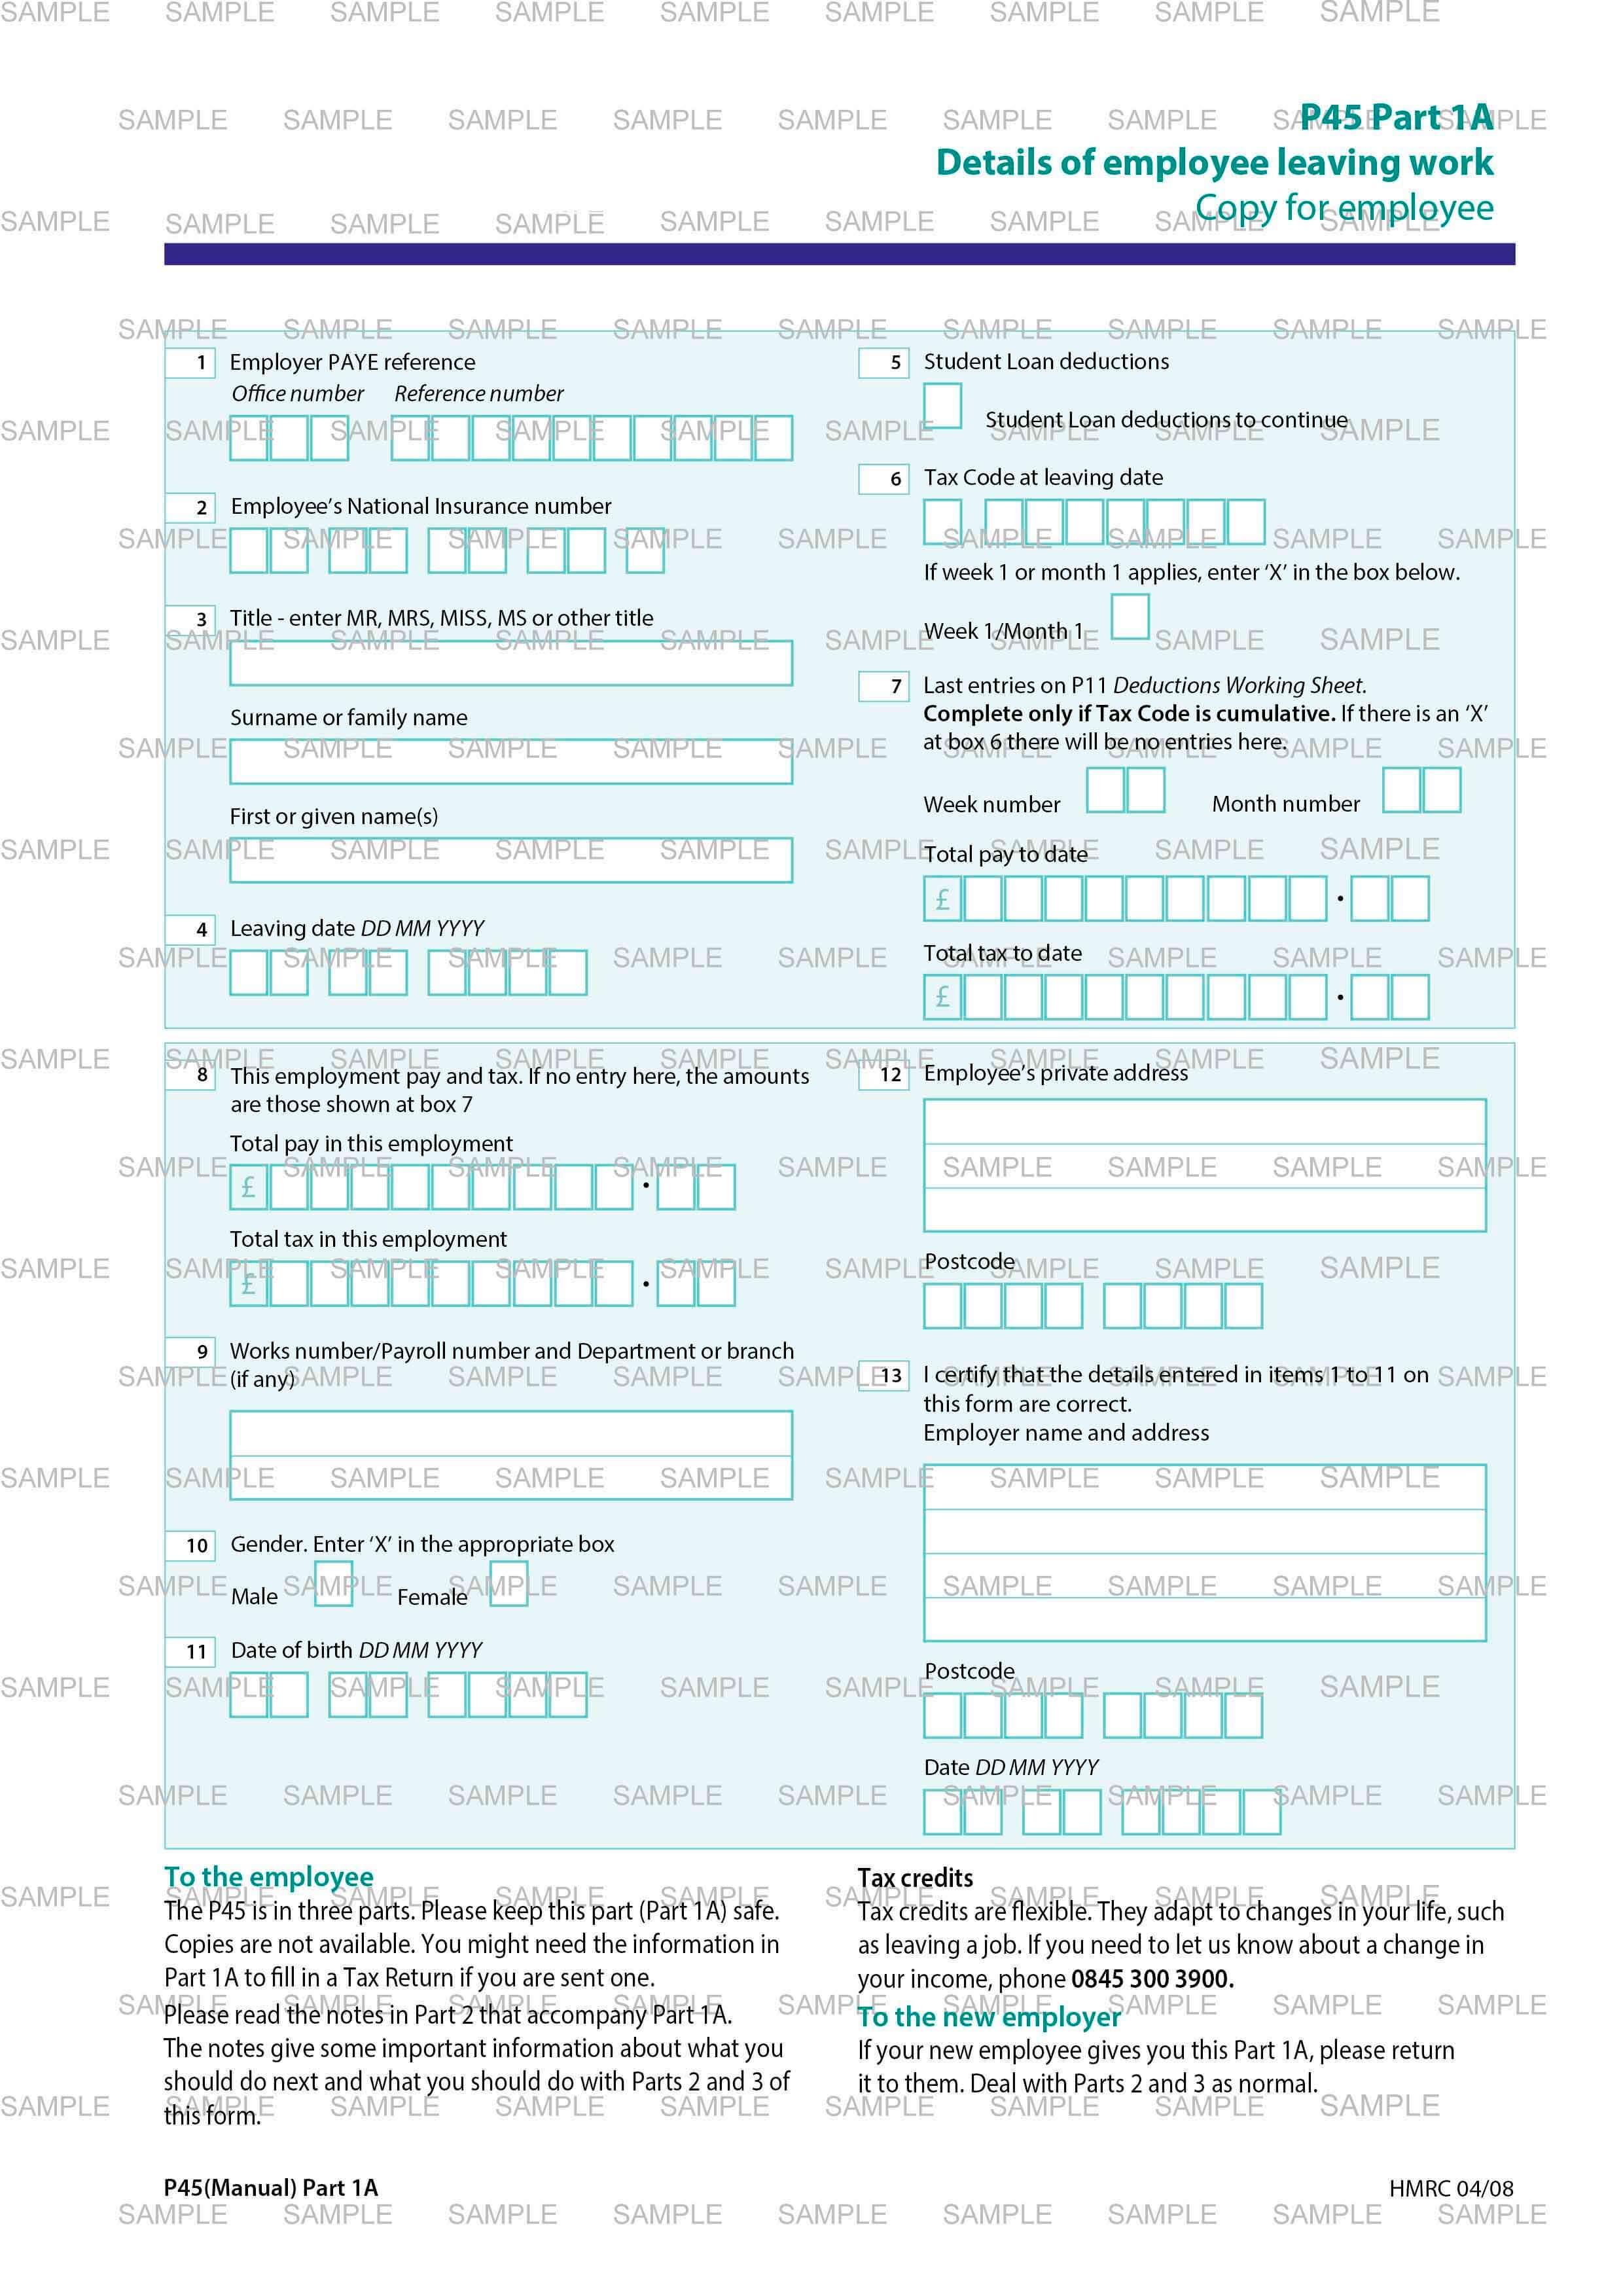 Hmrc p45 part 1a bill template utility bill business